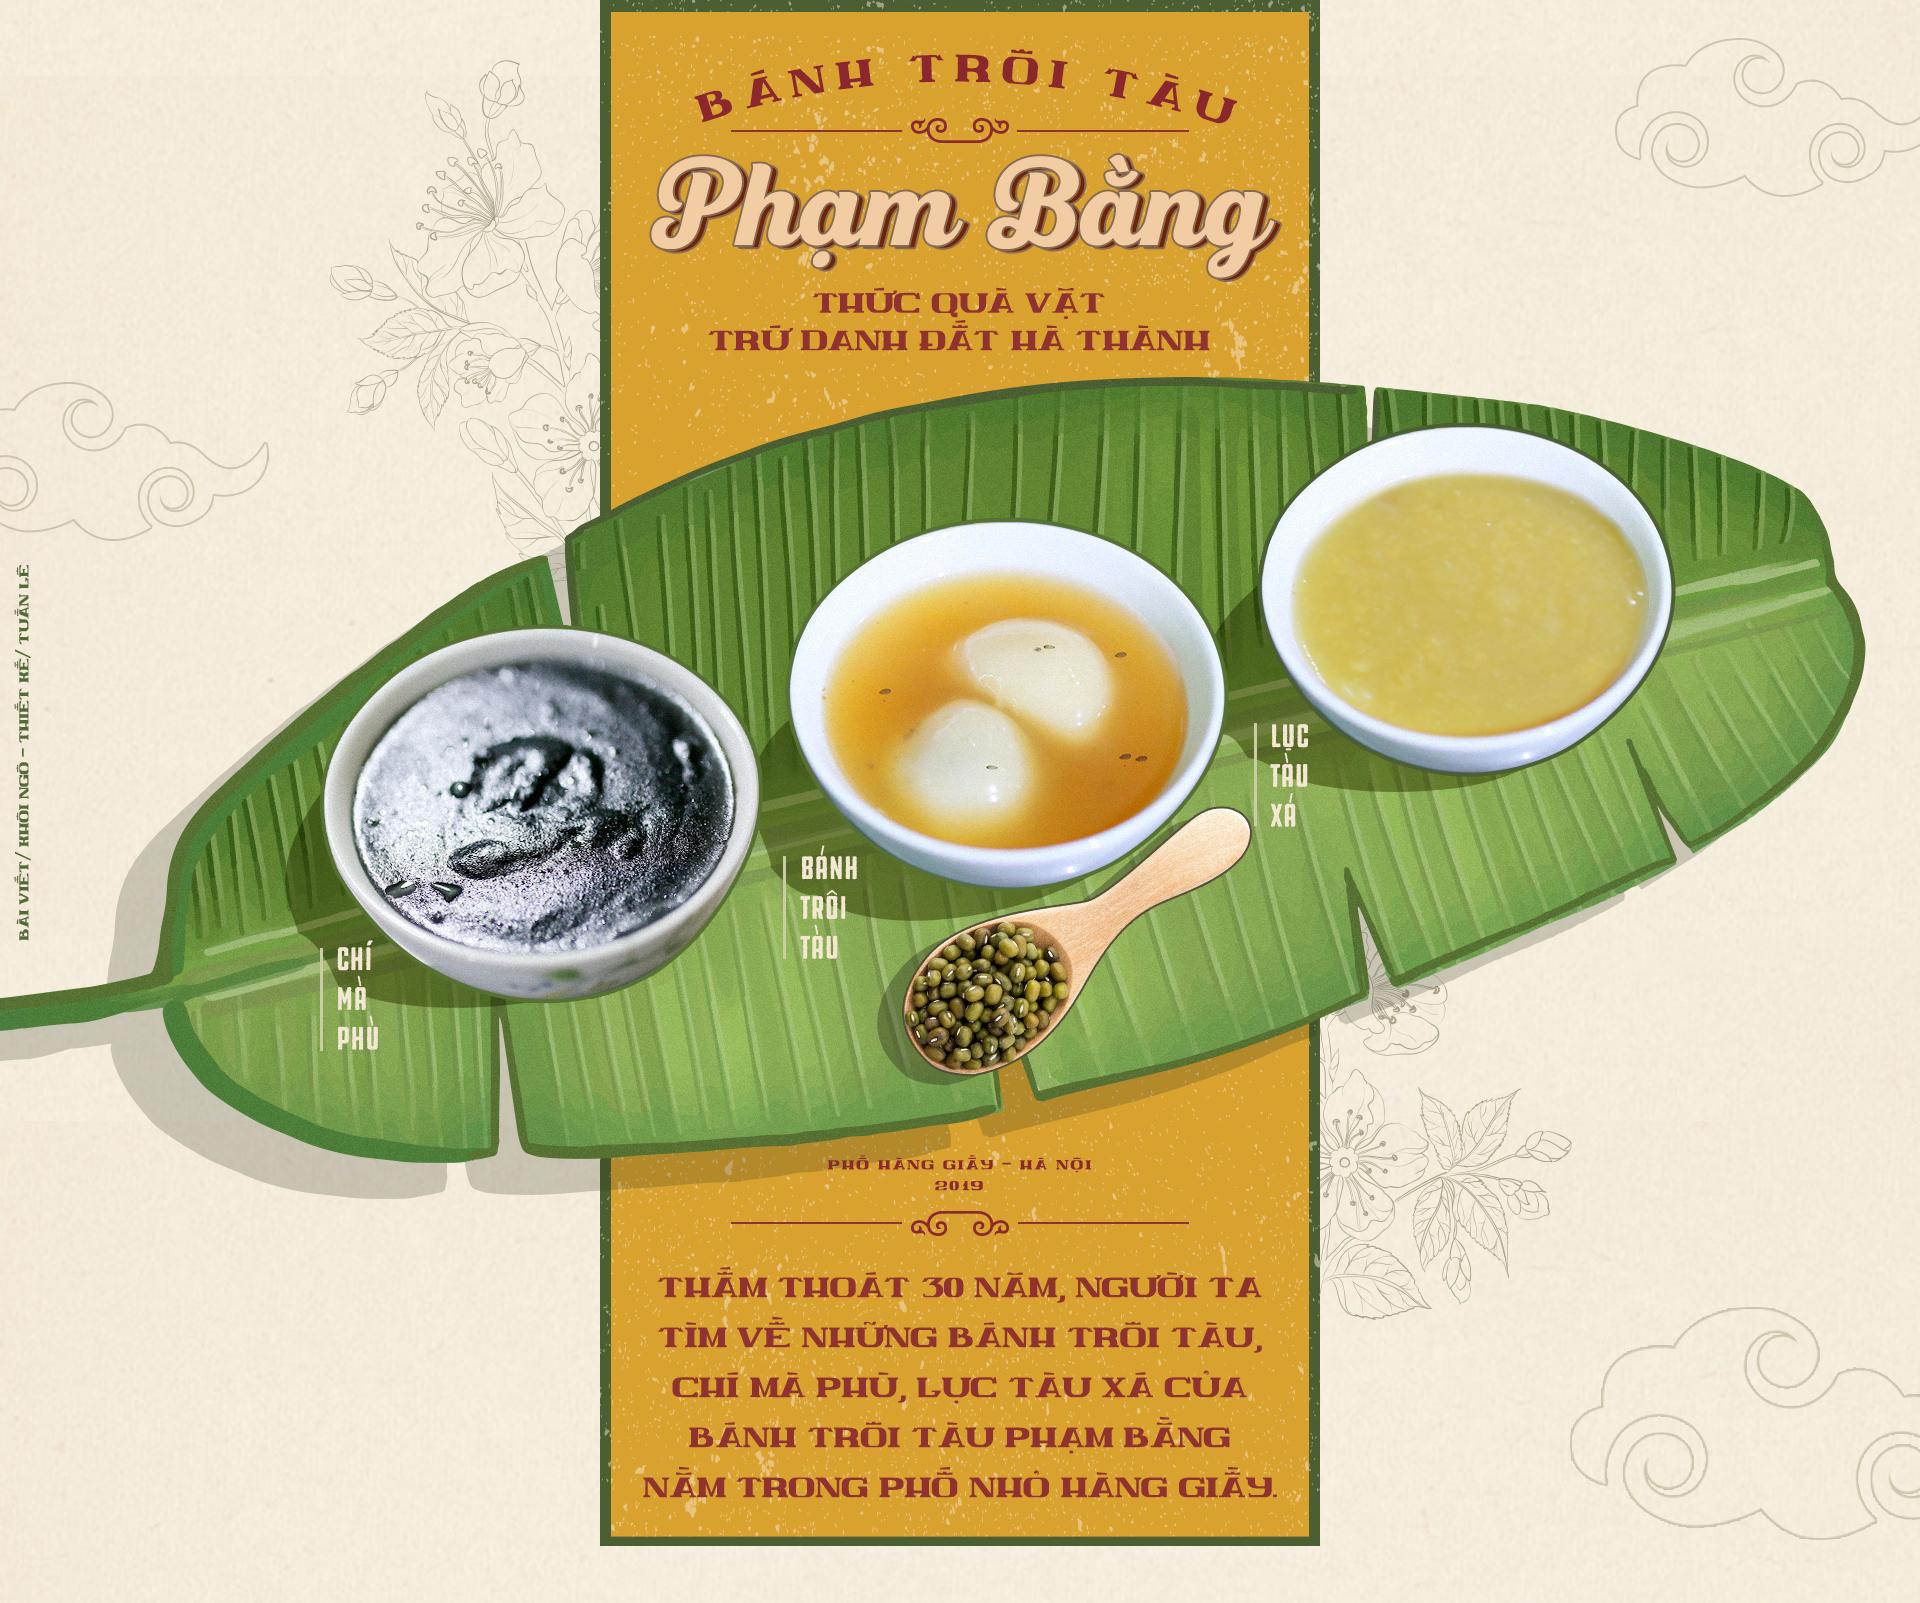 Bánh trôi tàu Phạm Bằng - thức quà vặt trứ danh trong hoài niệm người Hà Thành